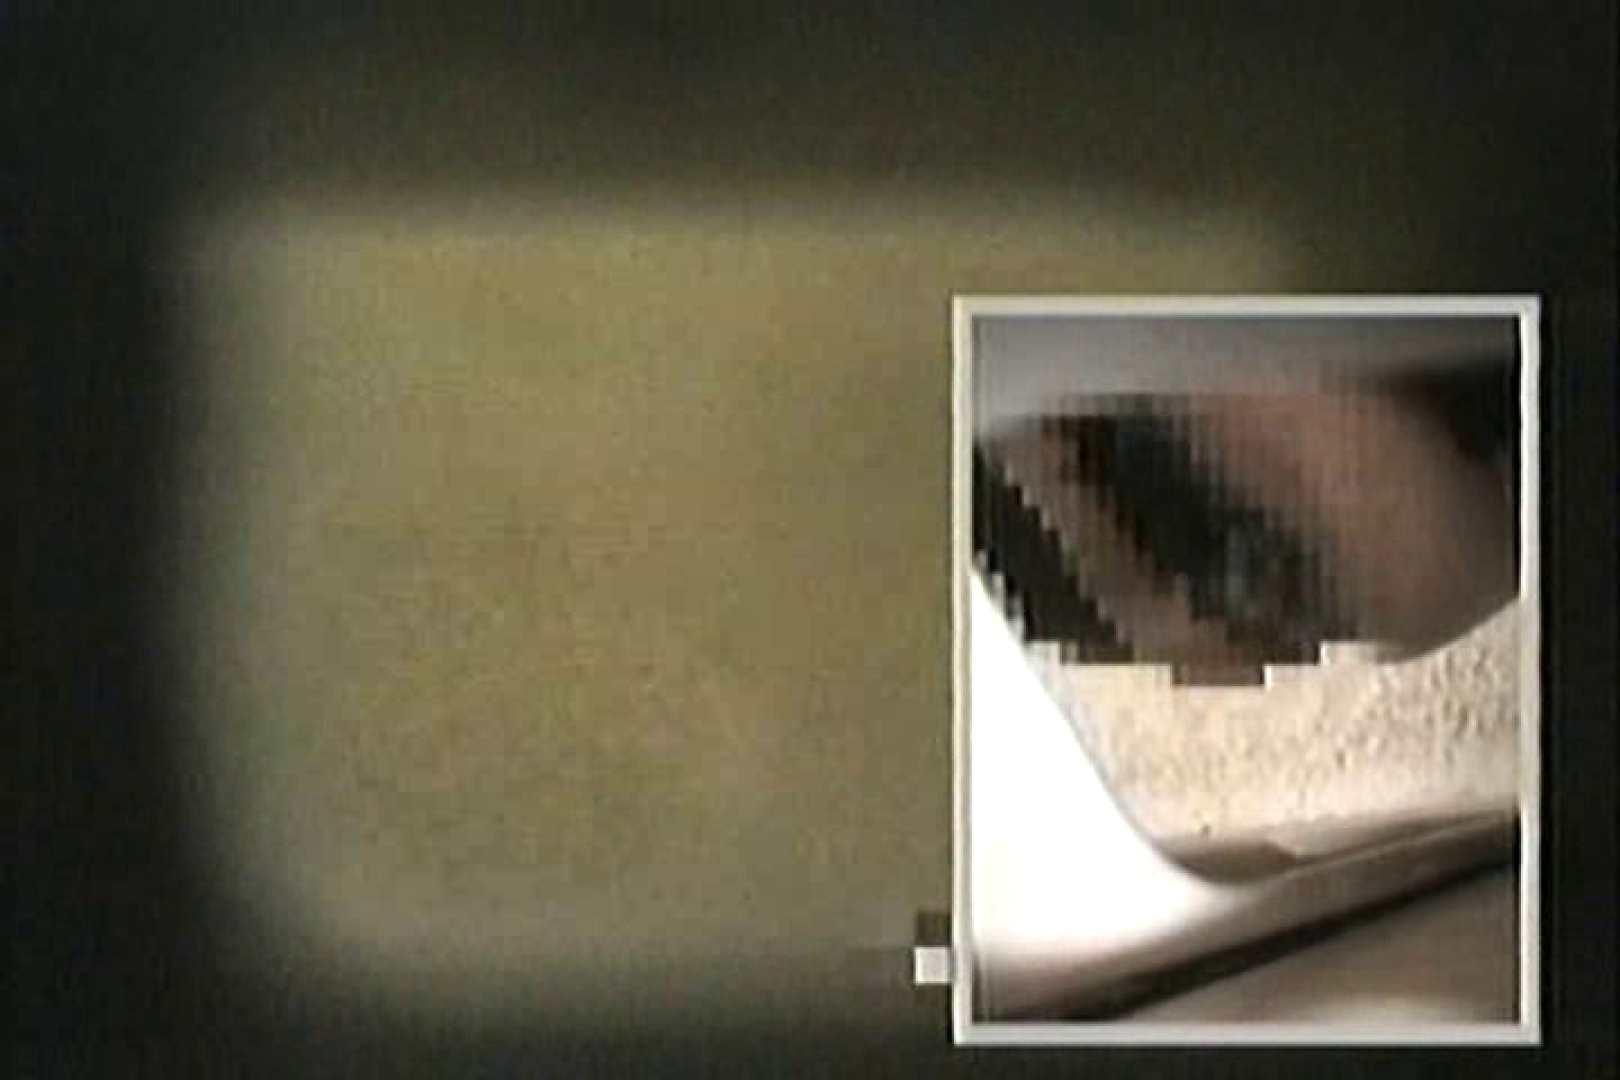 女子洗面所盗撮 今度の2カメは若い子だらけ  TK-127 おまんこ オマンコ動画キャプチャ 73PIX 63